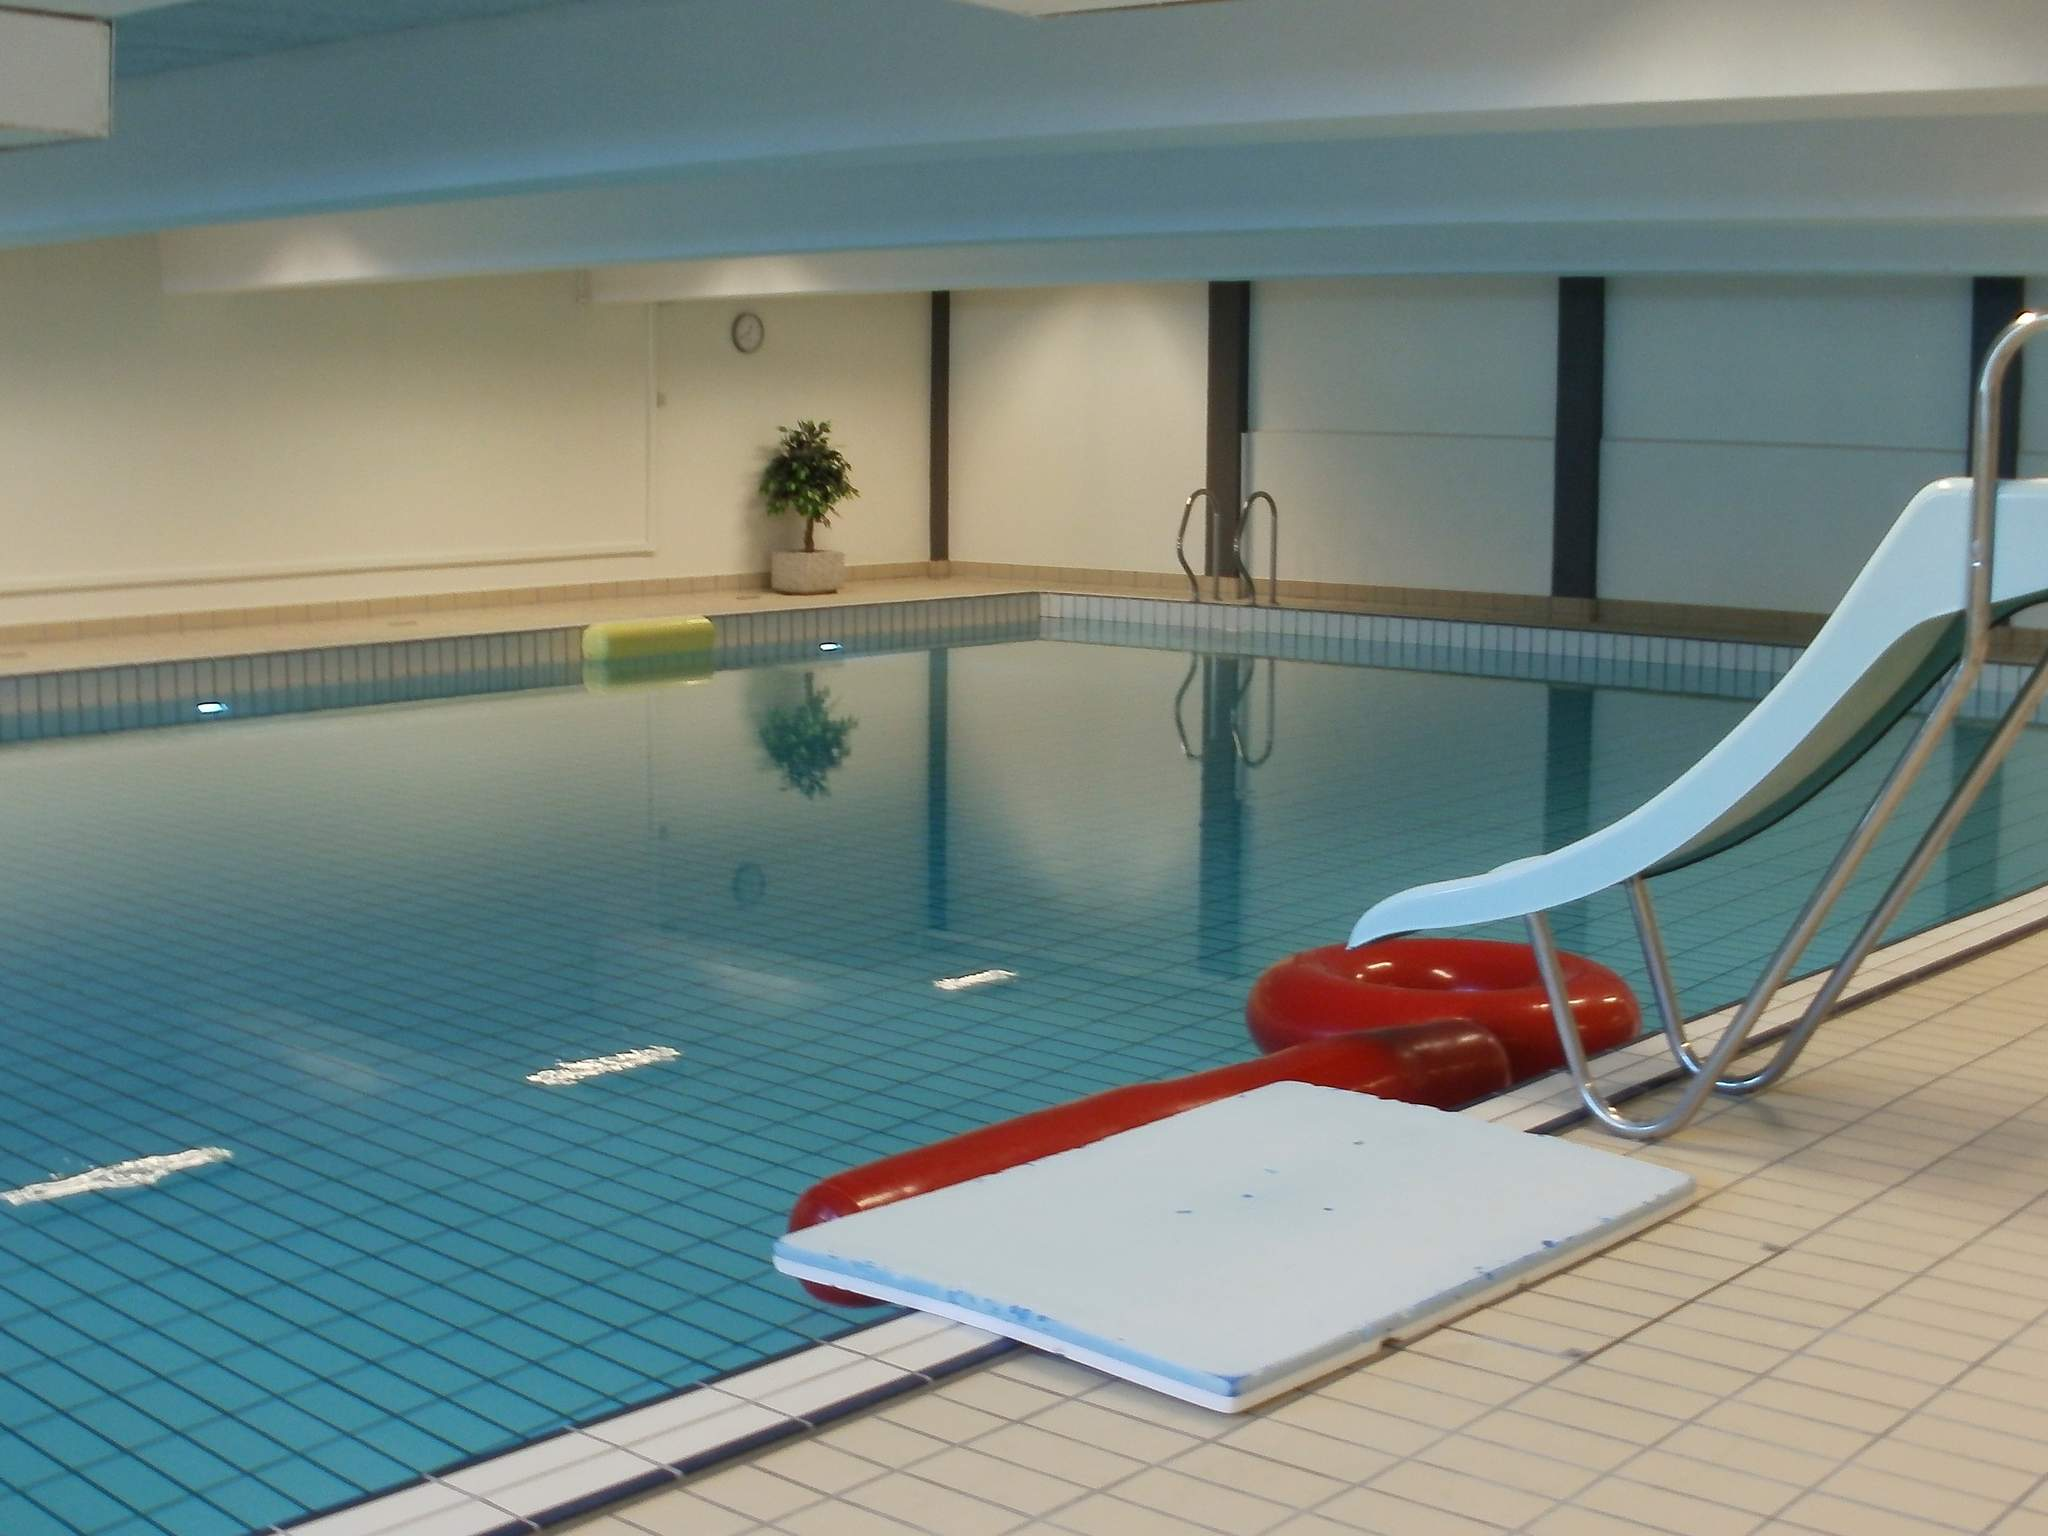 Appartement de vacances Fåborg - Typ 5 - 2 Zimmer,Erdg./1. Stock (1087166), Faaborg, , Fionie, Danemark, image 15